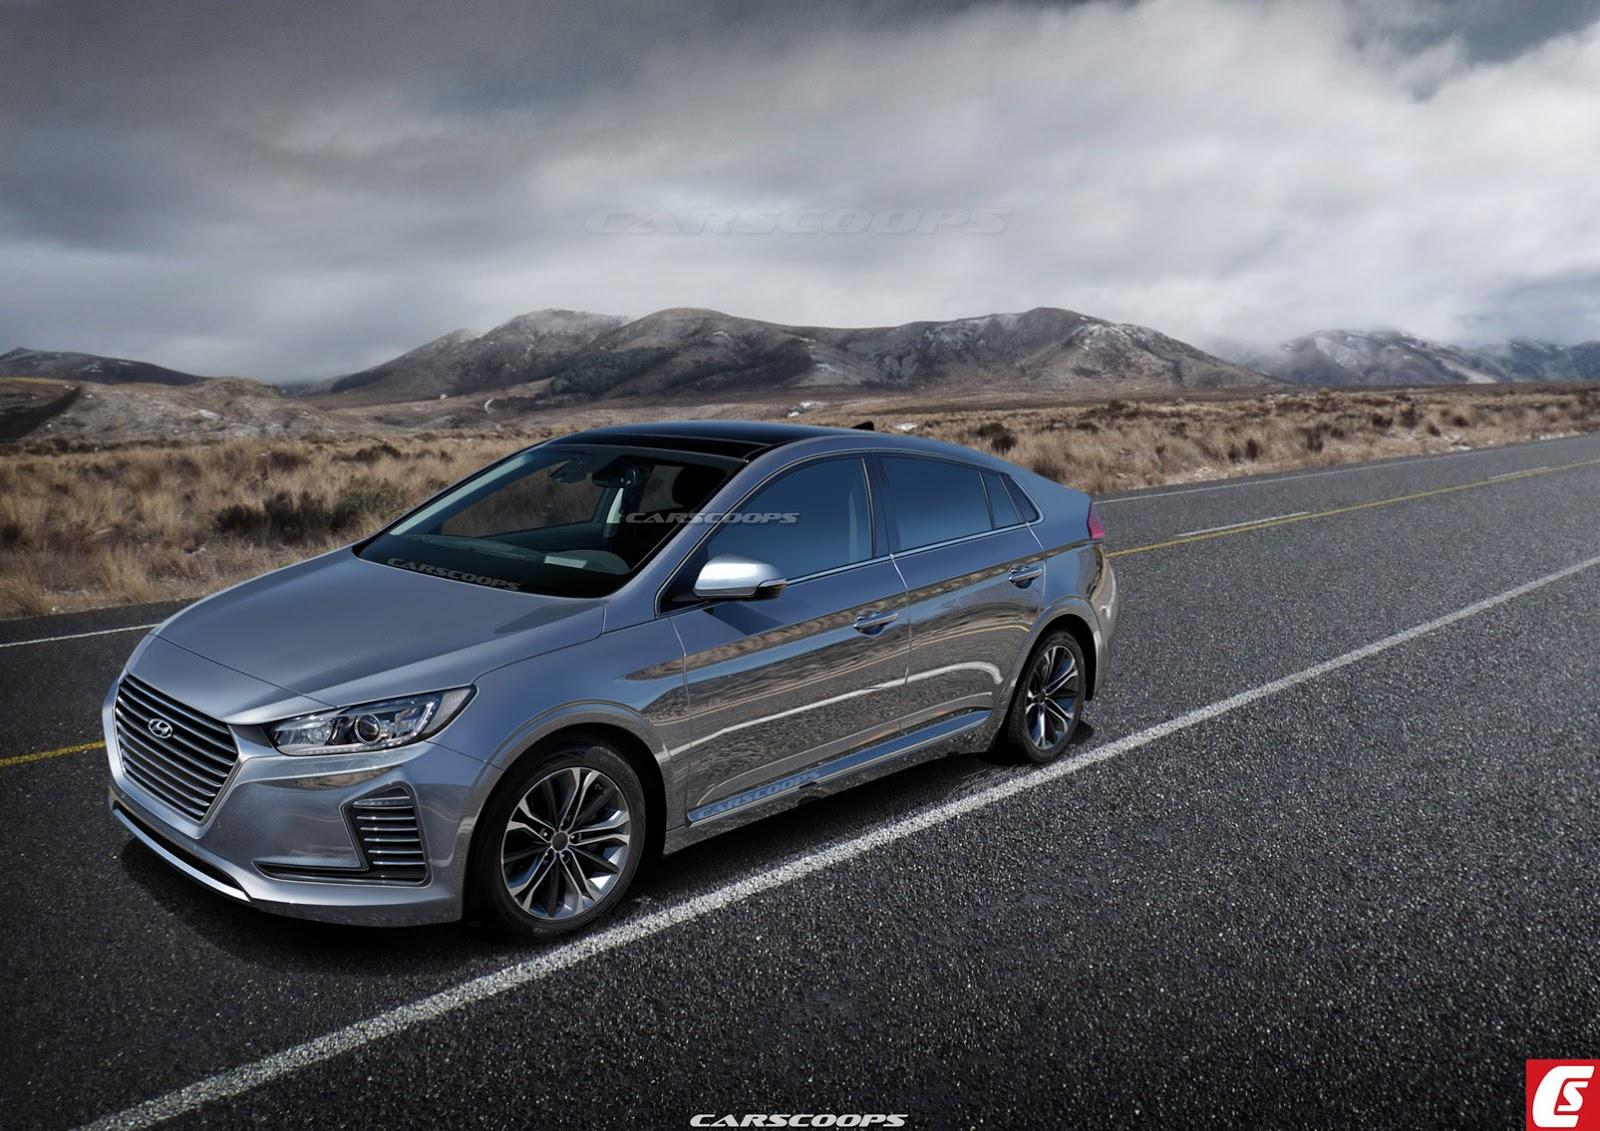 Render del Hyundai IONIQ por Carscoops